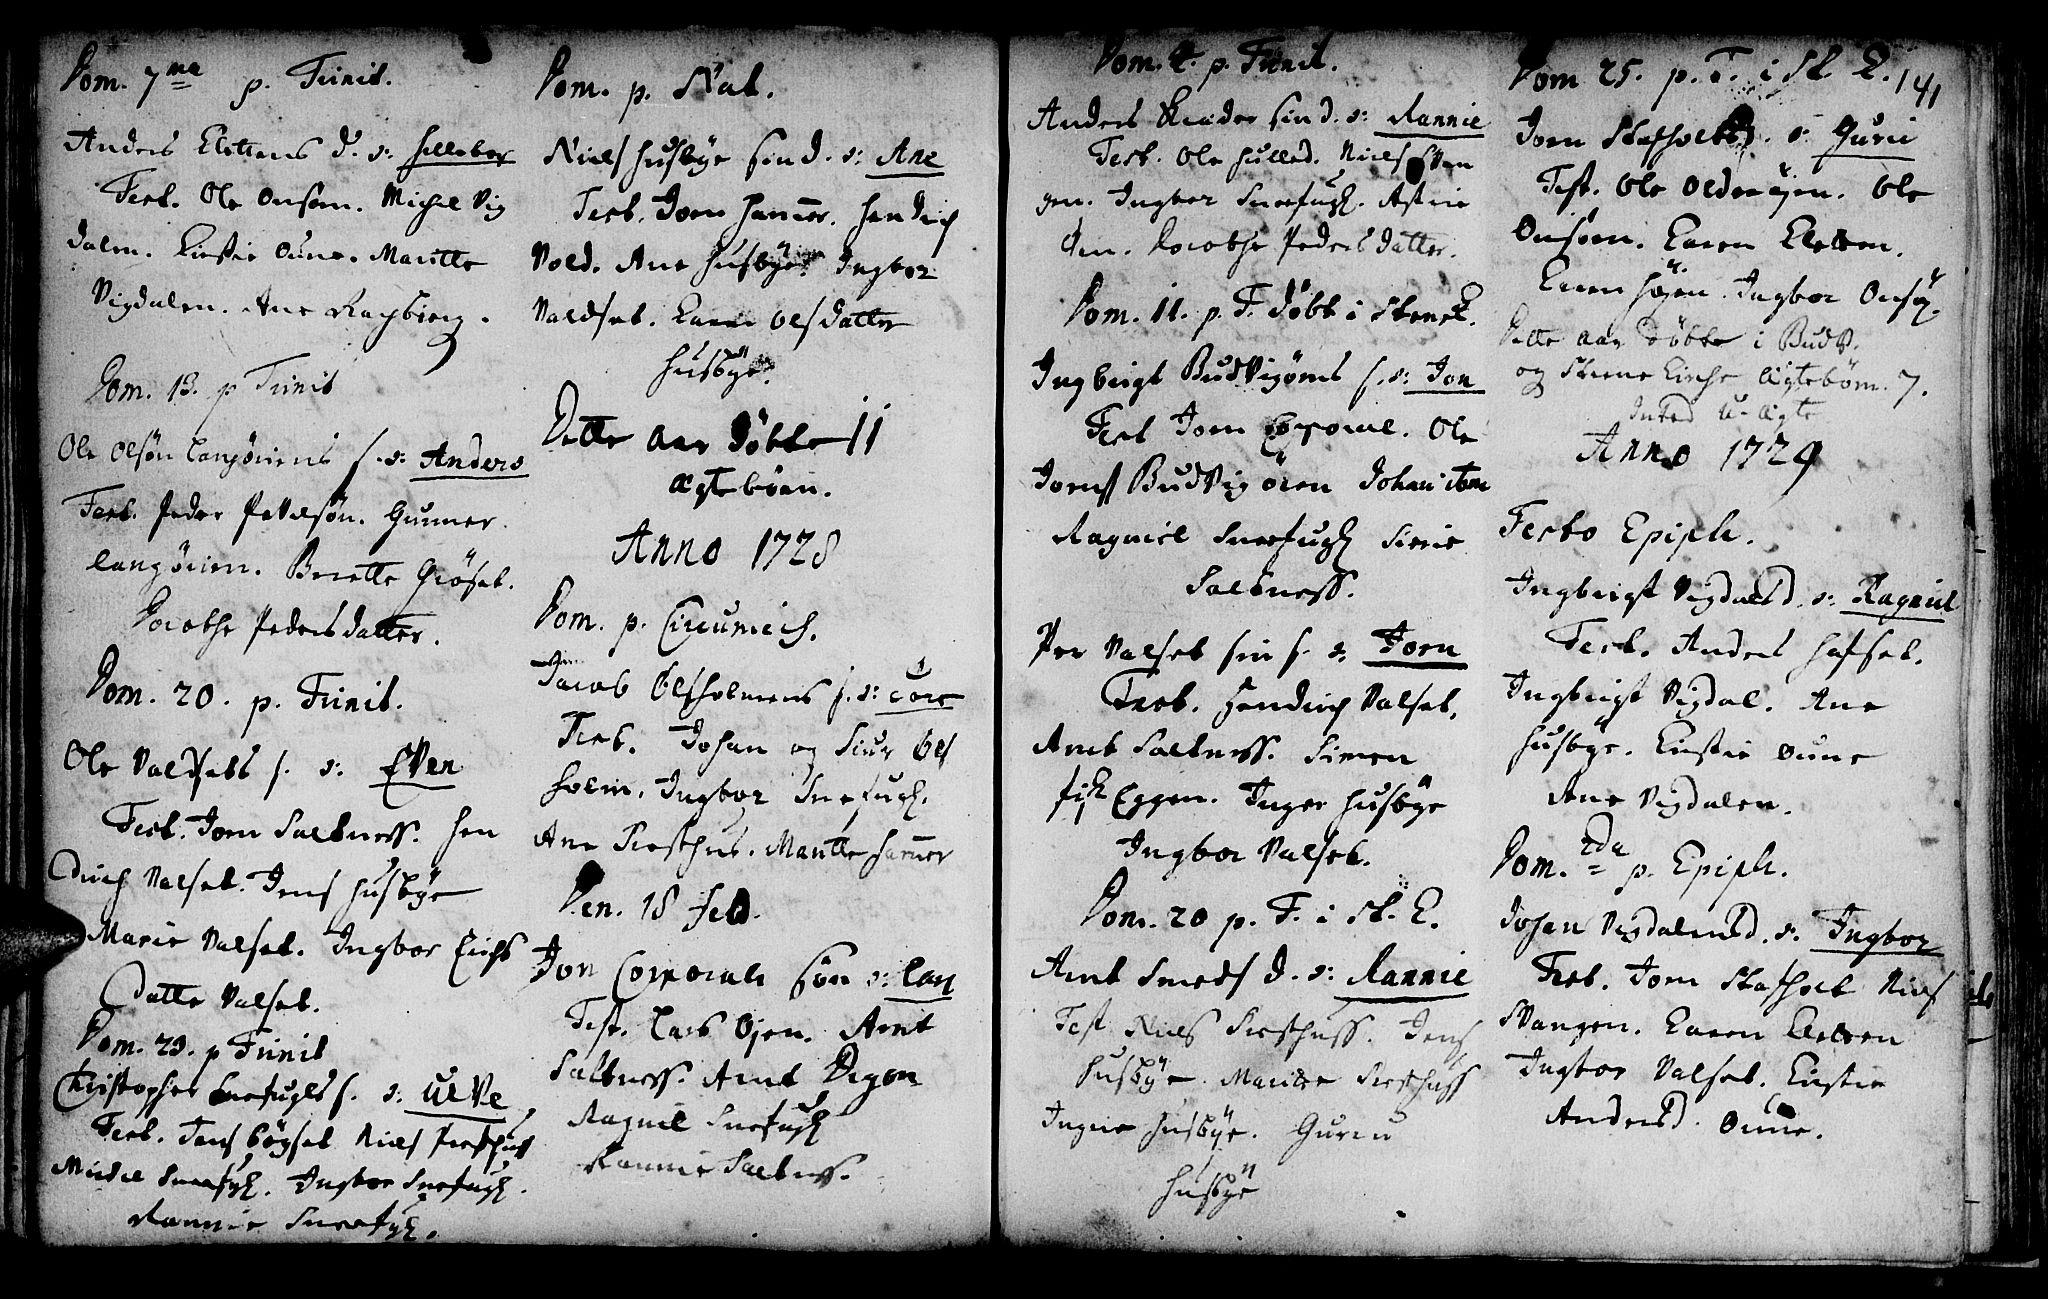 SAT, Ministerialprotokoller, klokkerbøker og fødselsregistre - Sør-Trøndelag, 666/L0783: Ministerialbok nr. 666A01, 1702-1753, s. 141